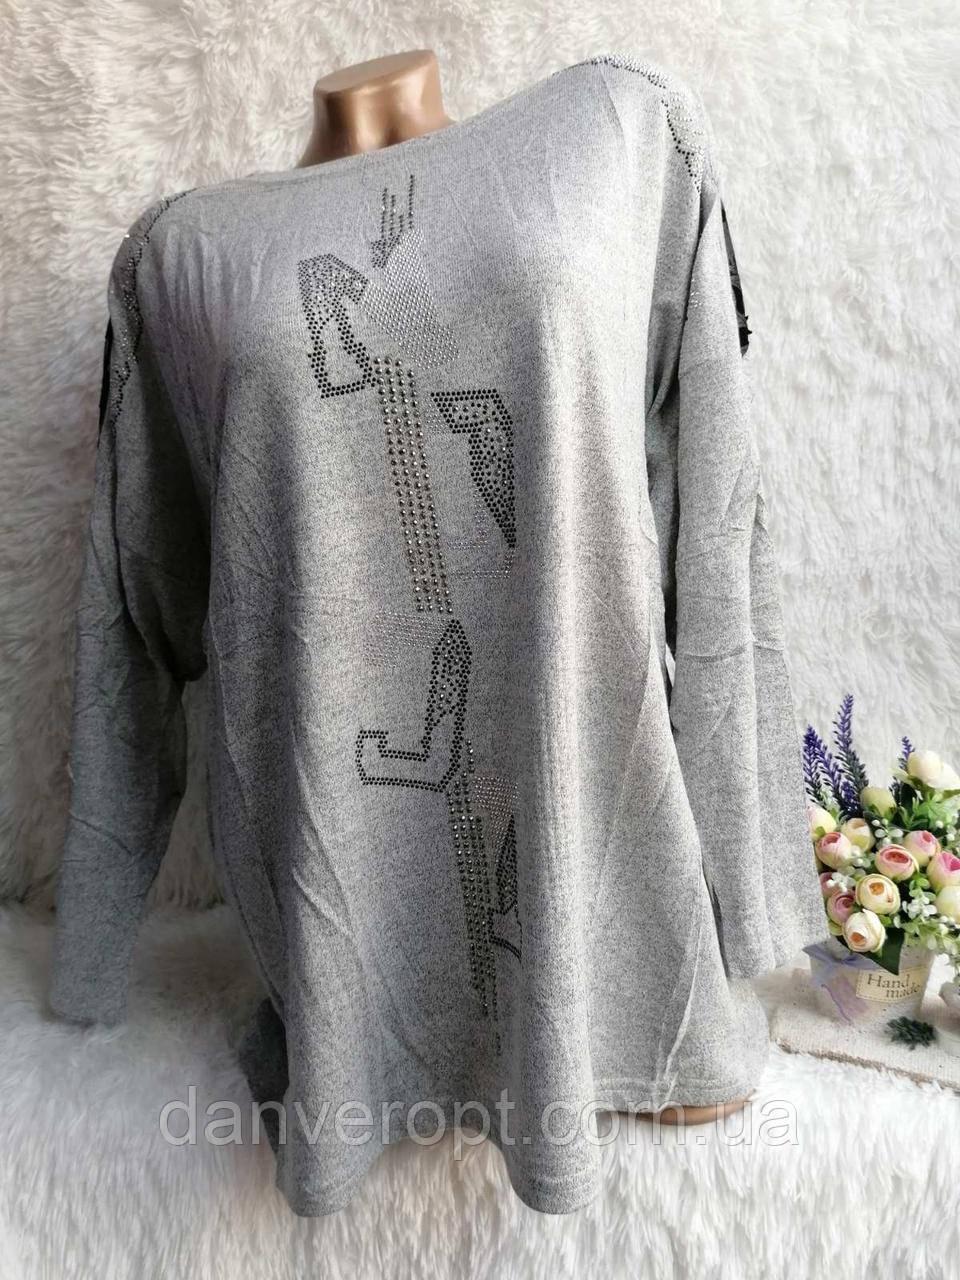 Туника женская модная стильная со стразами размер XL-3XL купить оптом со склада 7км Одесса